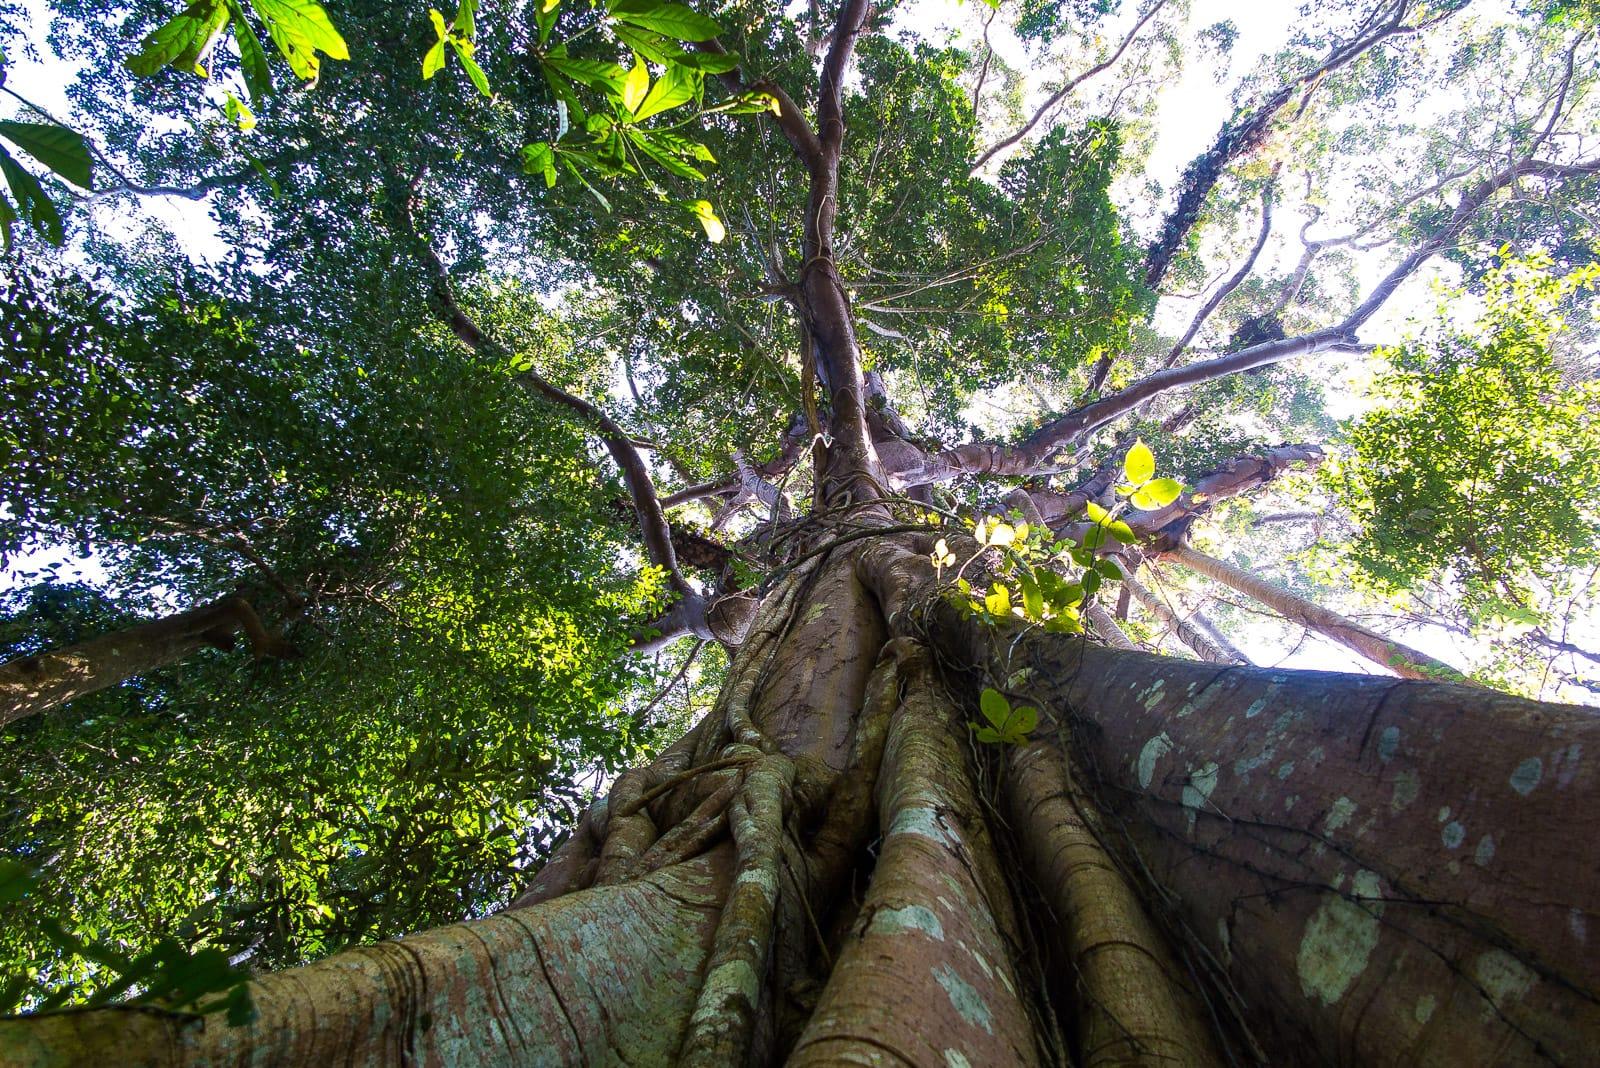 Spektakulär: Uralte Bäume im Khao Yai-Nationalpark